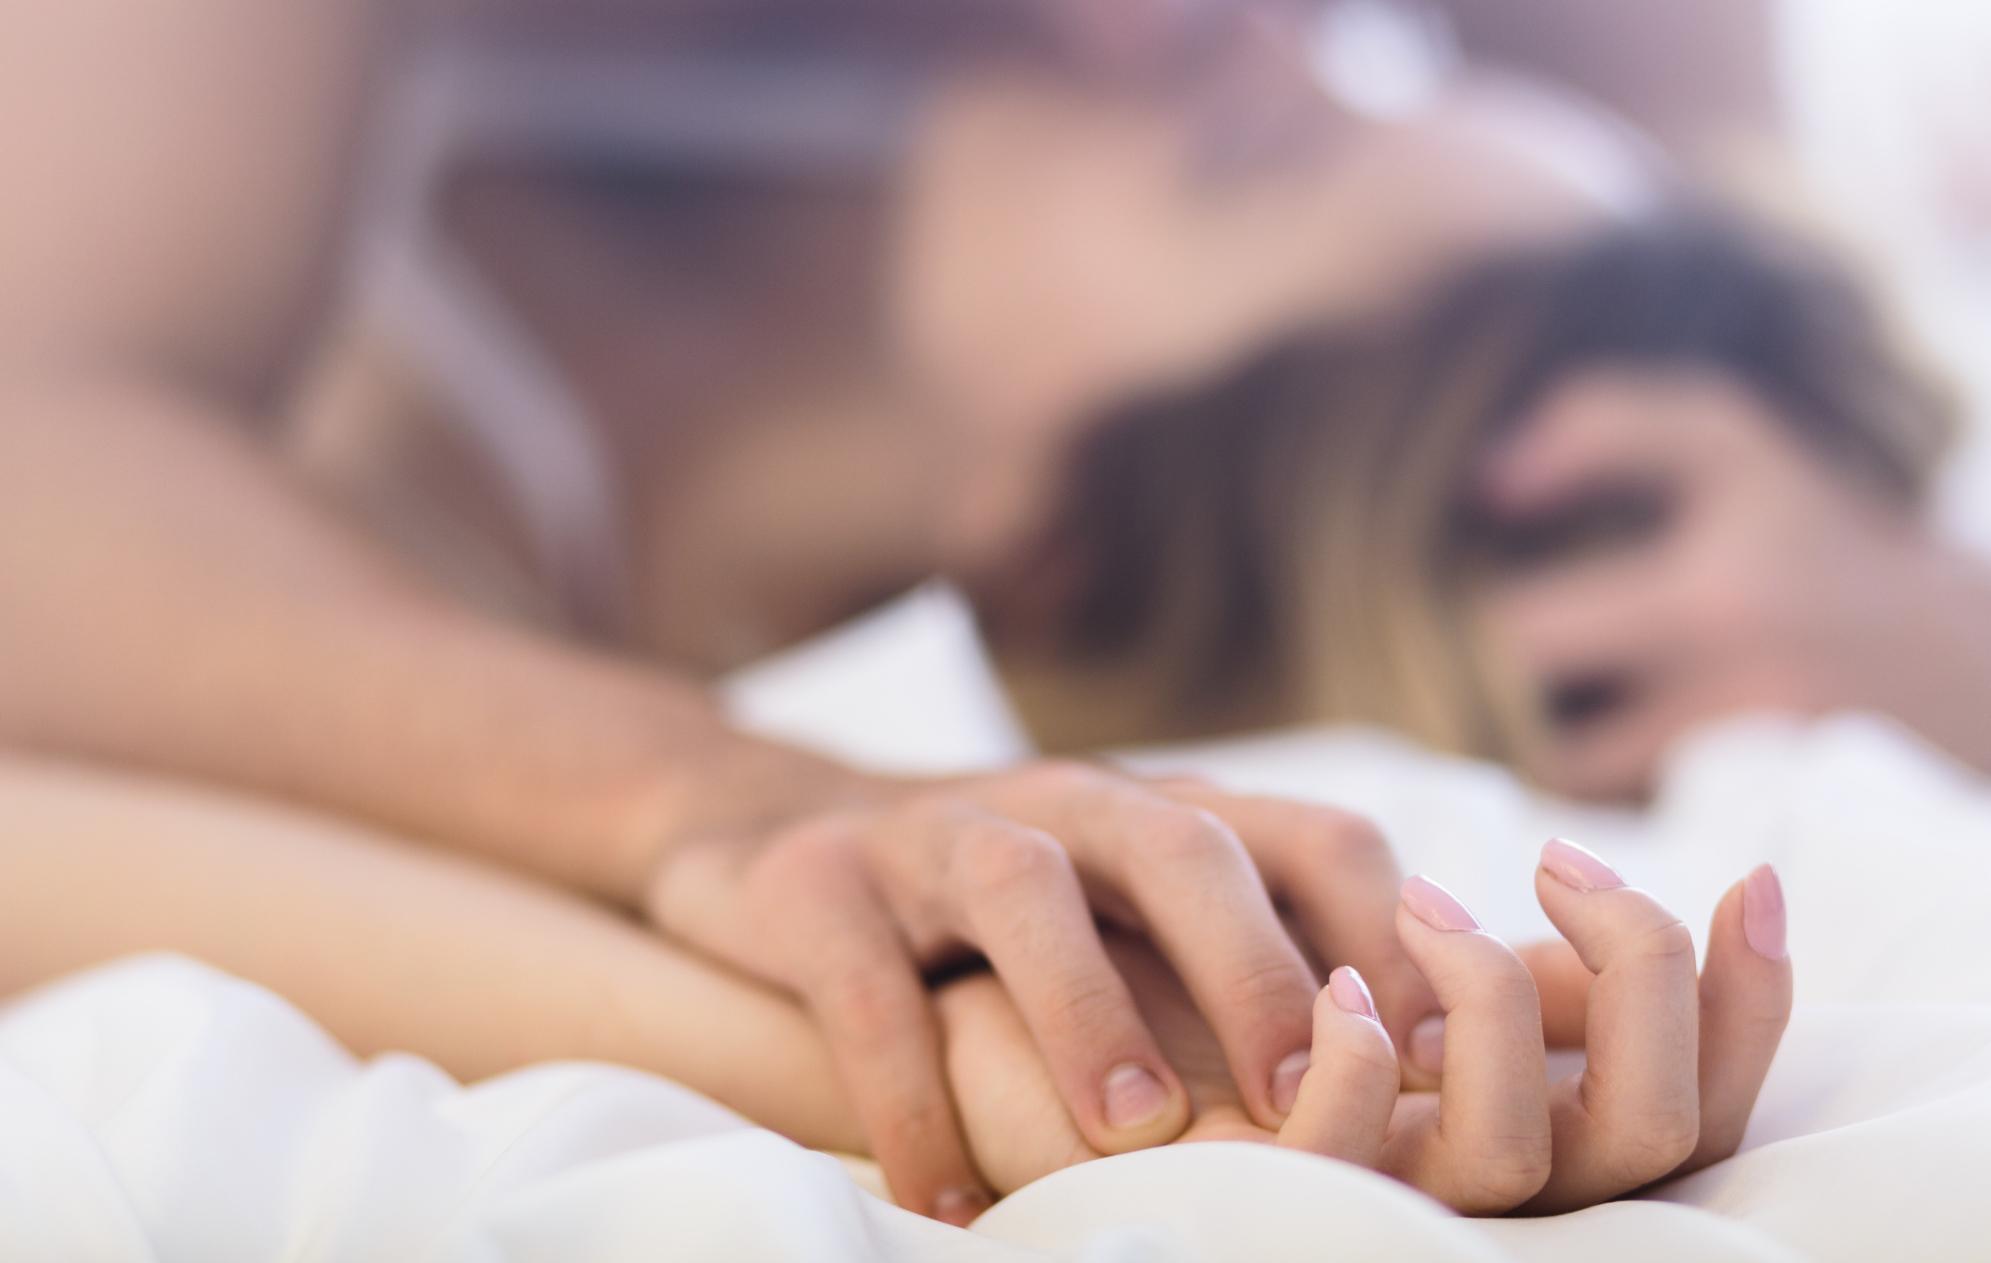 3件醫生說「愛愛後絕對不能做」但許多人還傻傻以為很正確的事。